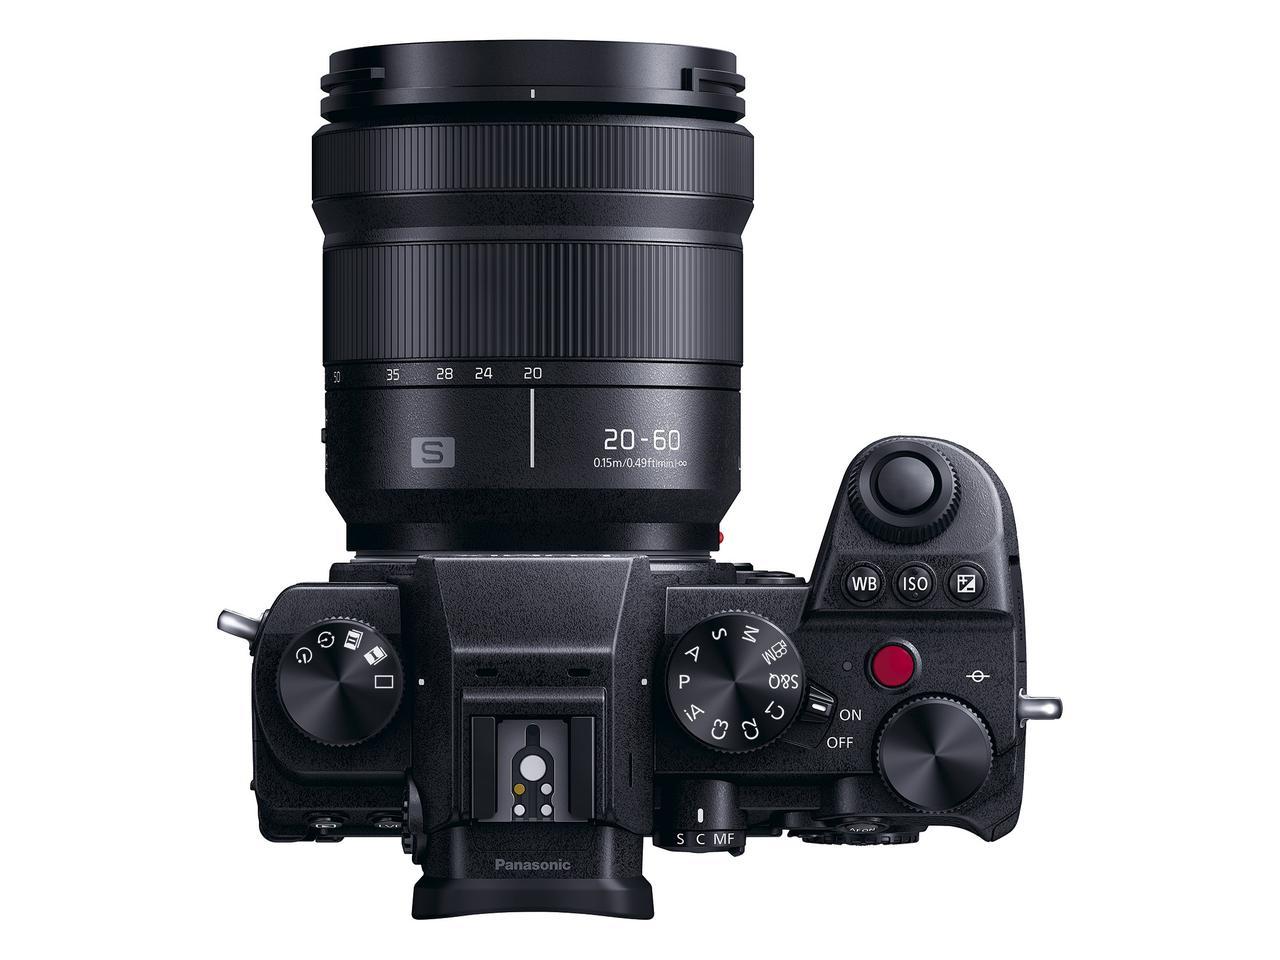 画像: ▲キットレンズとなるLUMIX S 20-60mmF3.5-5.6を装着した状態。